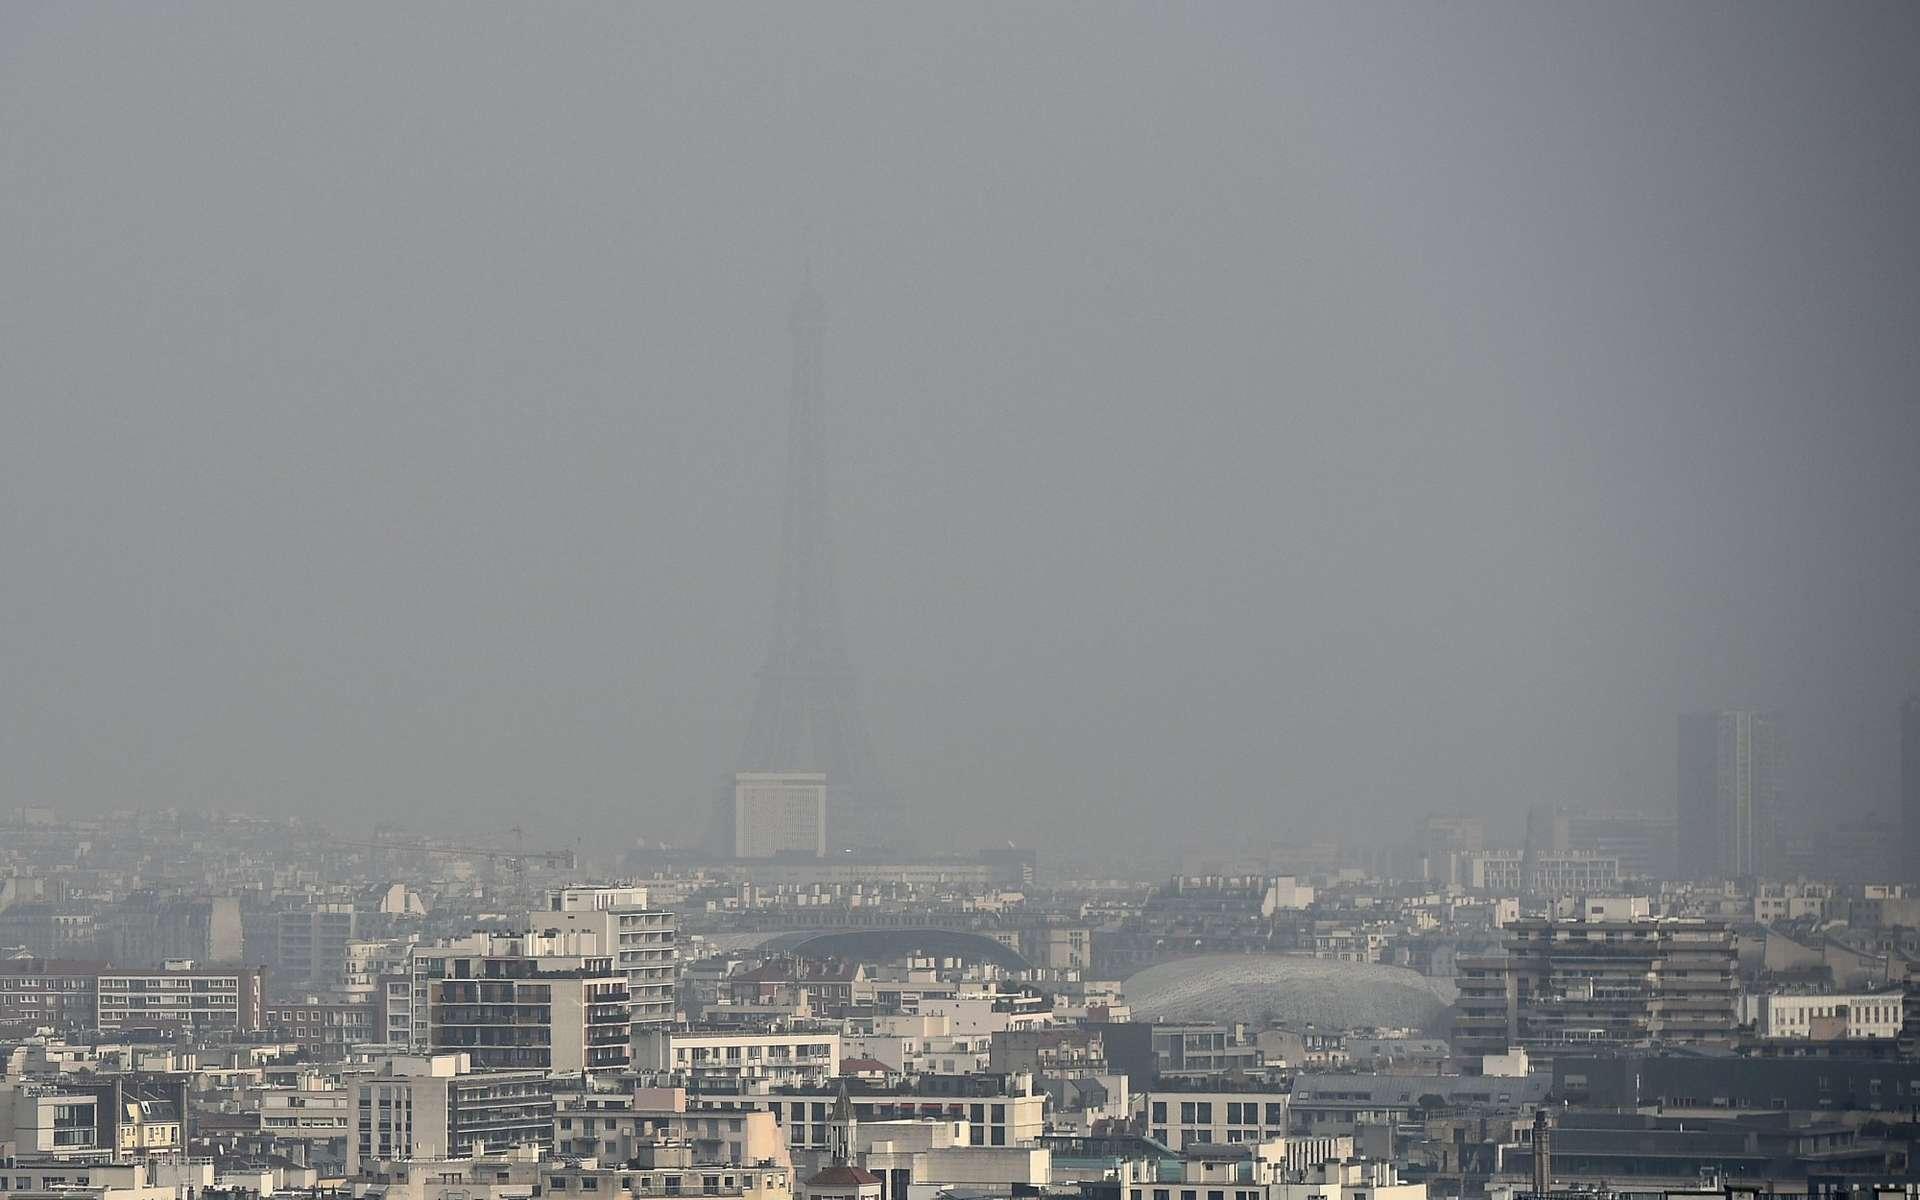 Une vue de Paris le 18 mars 2015, lors du dernier pic de pollution. © AFP Photo, Franck Fife